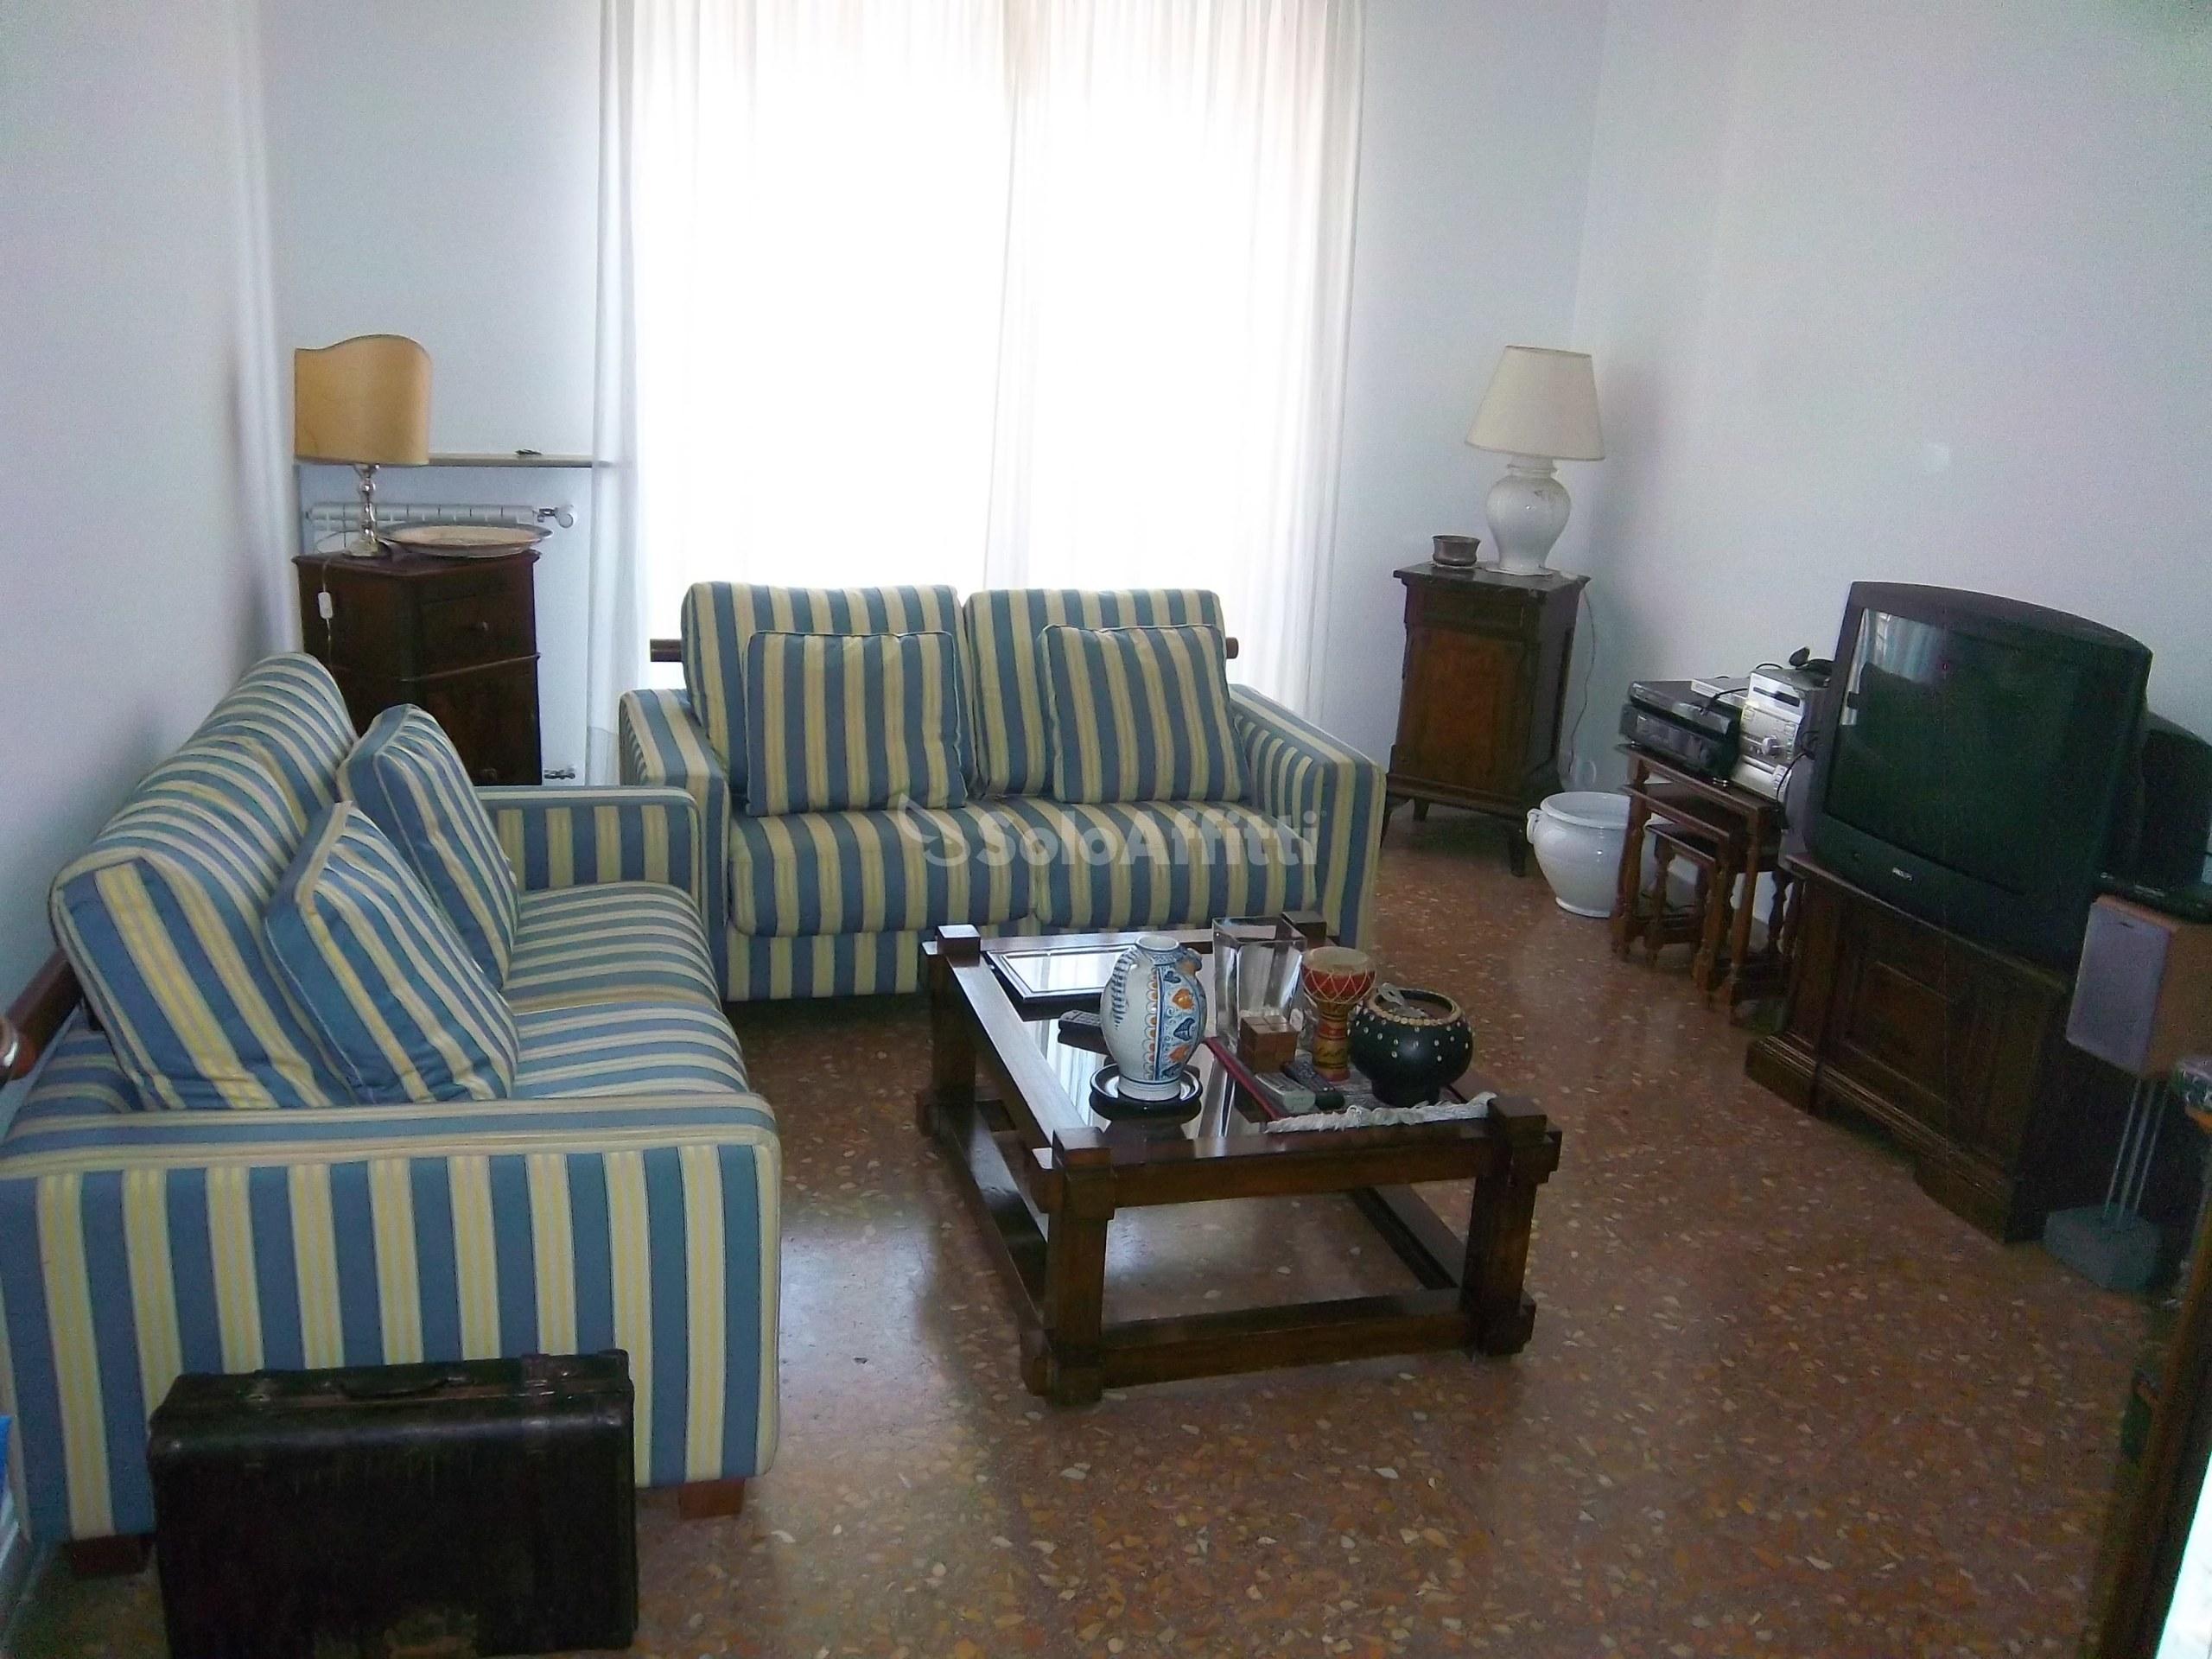 Immobili in affitto roma case uffici e negozi in affitto for Stanze ufficio in affitto roma